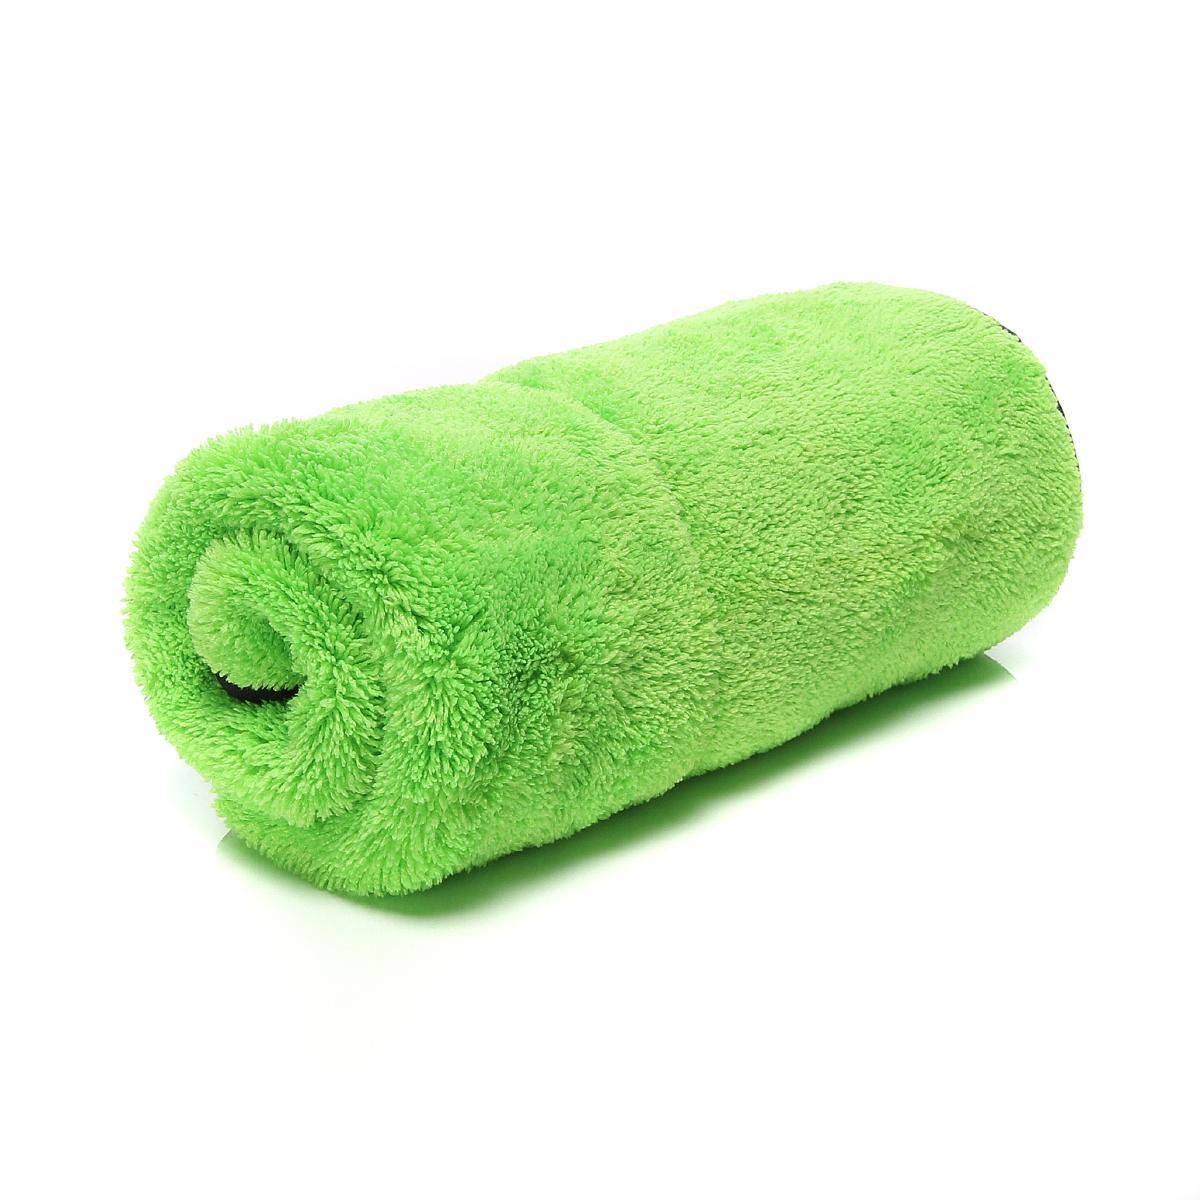 Poleringsduk Kent Green Buffing Towel, 42 x 38 cm, 1 st